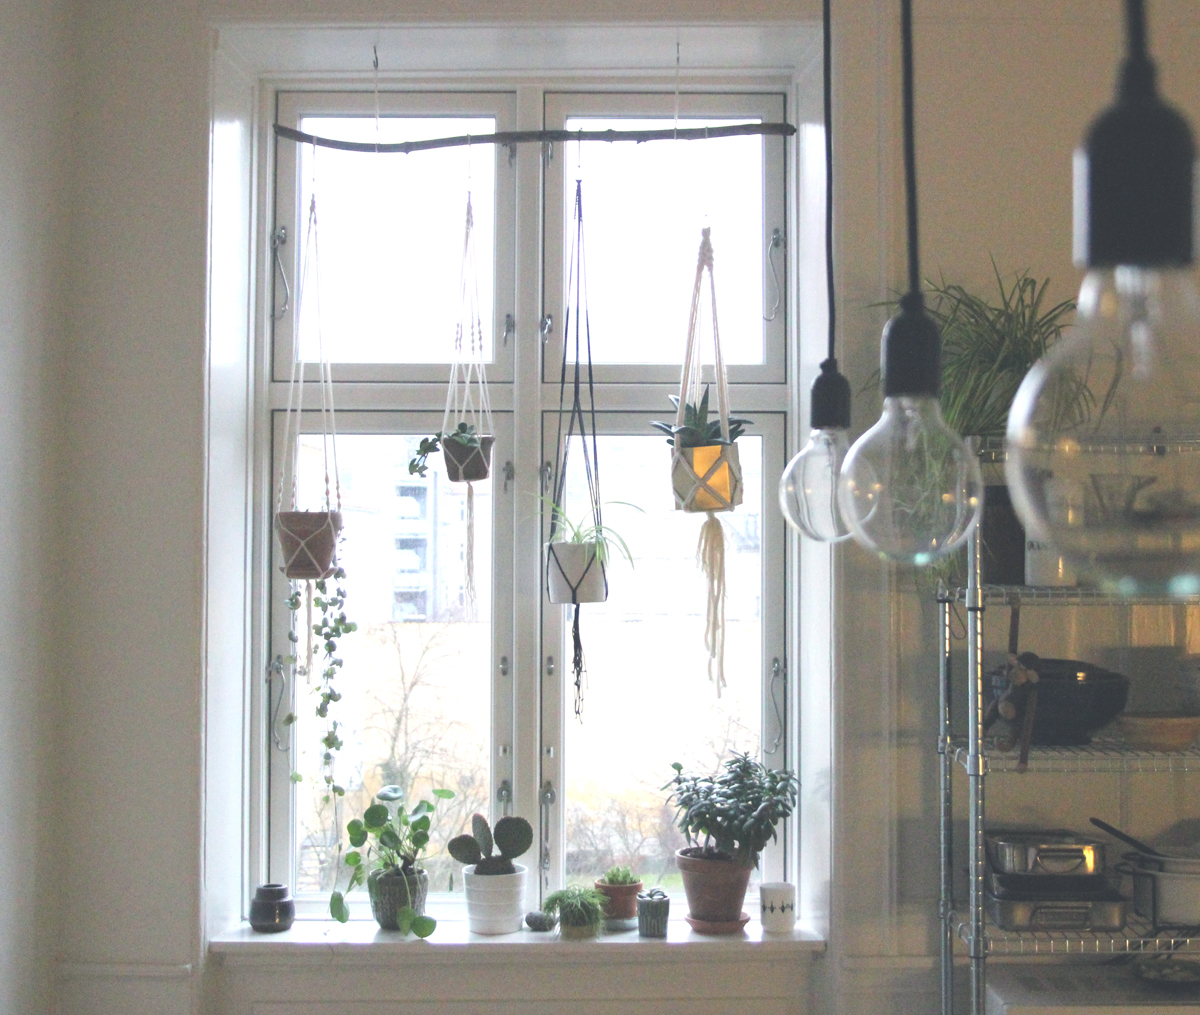 My Macrame Plant Hangers